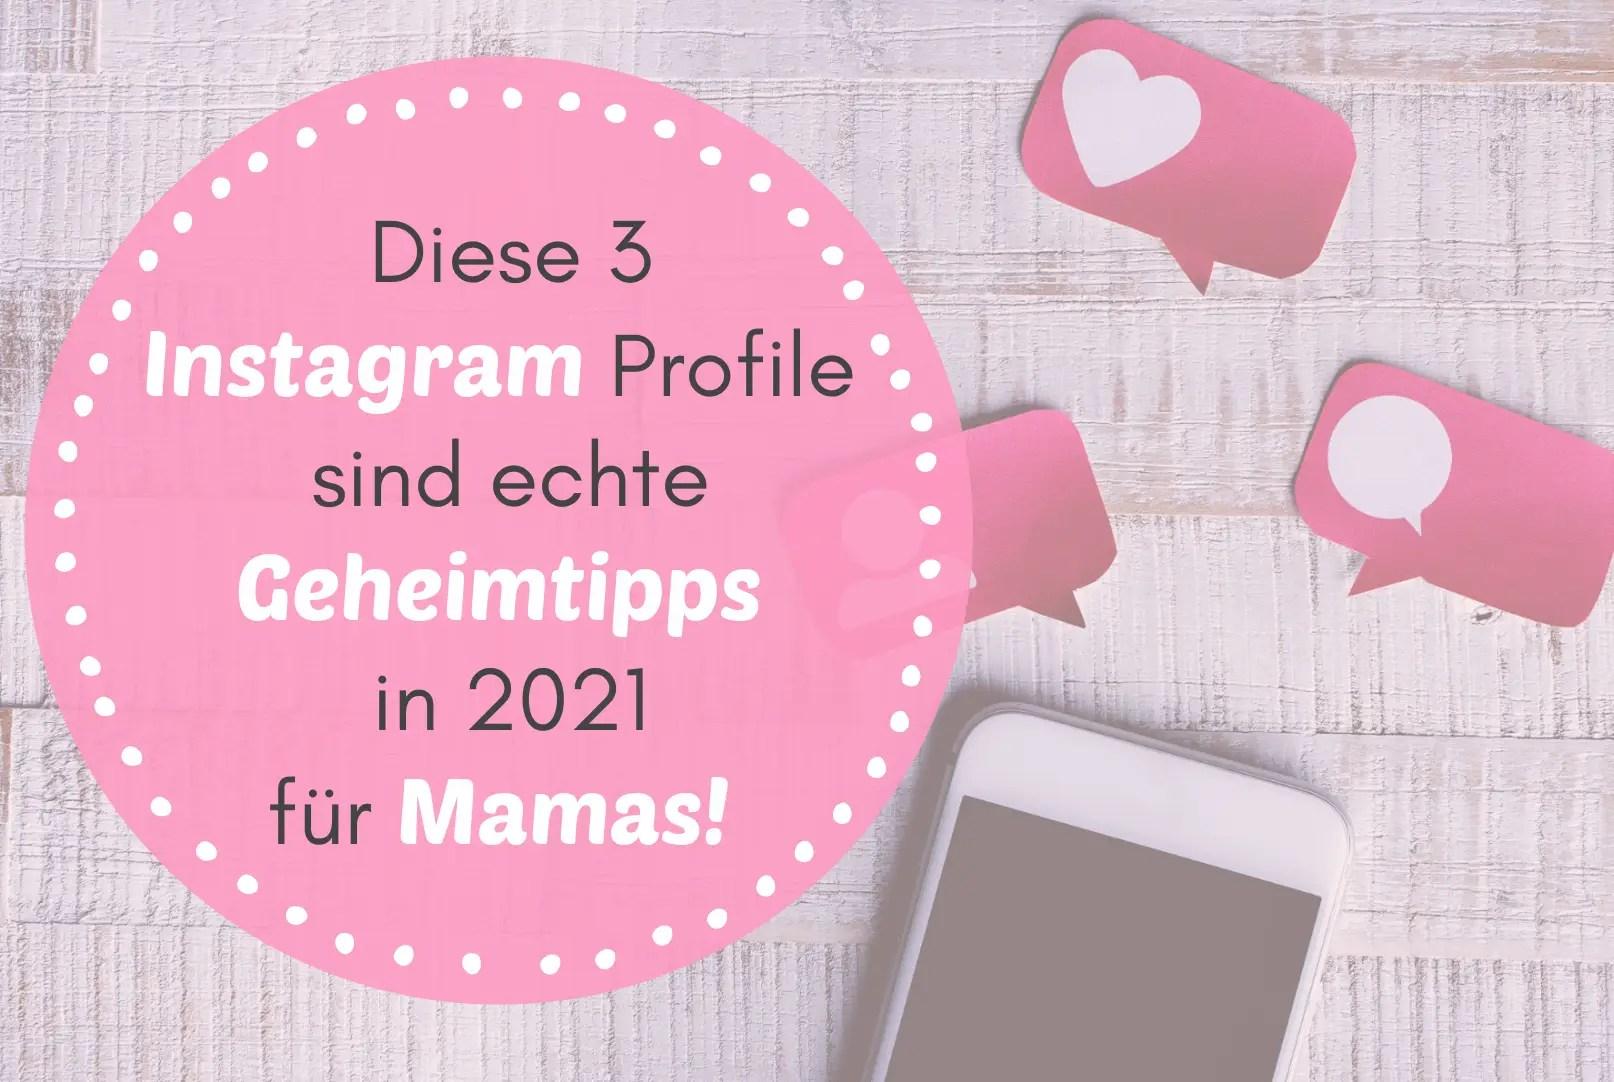 Diese 3 Instagram Profile sind echte Geheimtipps in 2021 für Mamas!